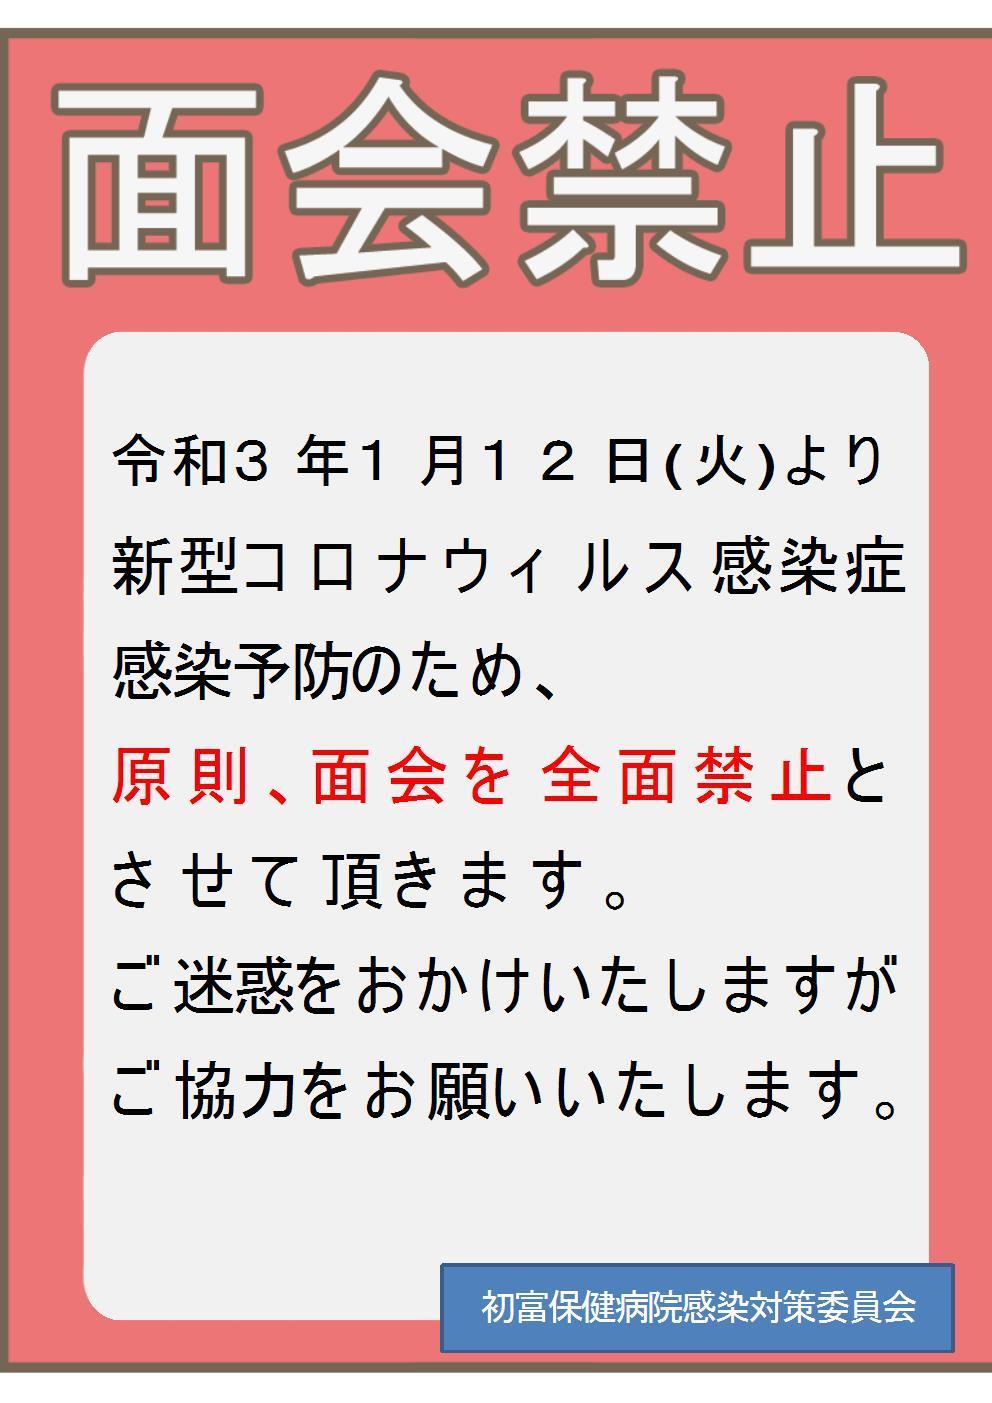 面会禁止JPEG.jpg